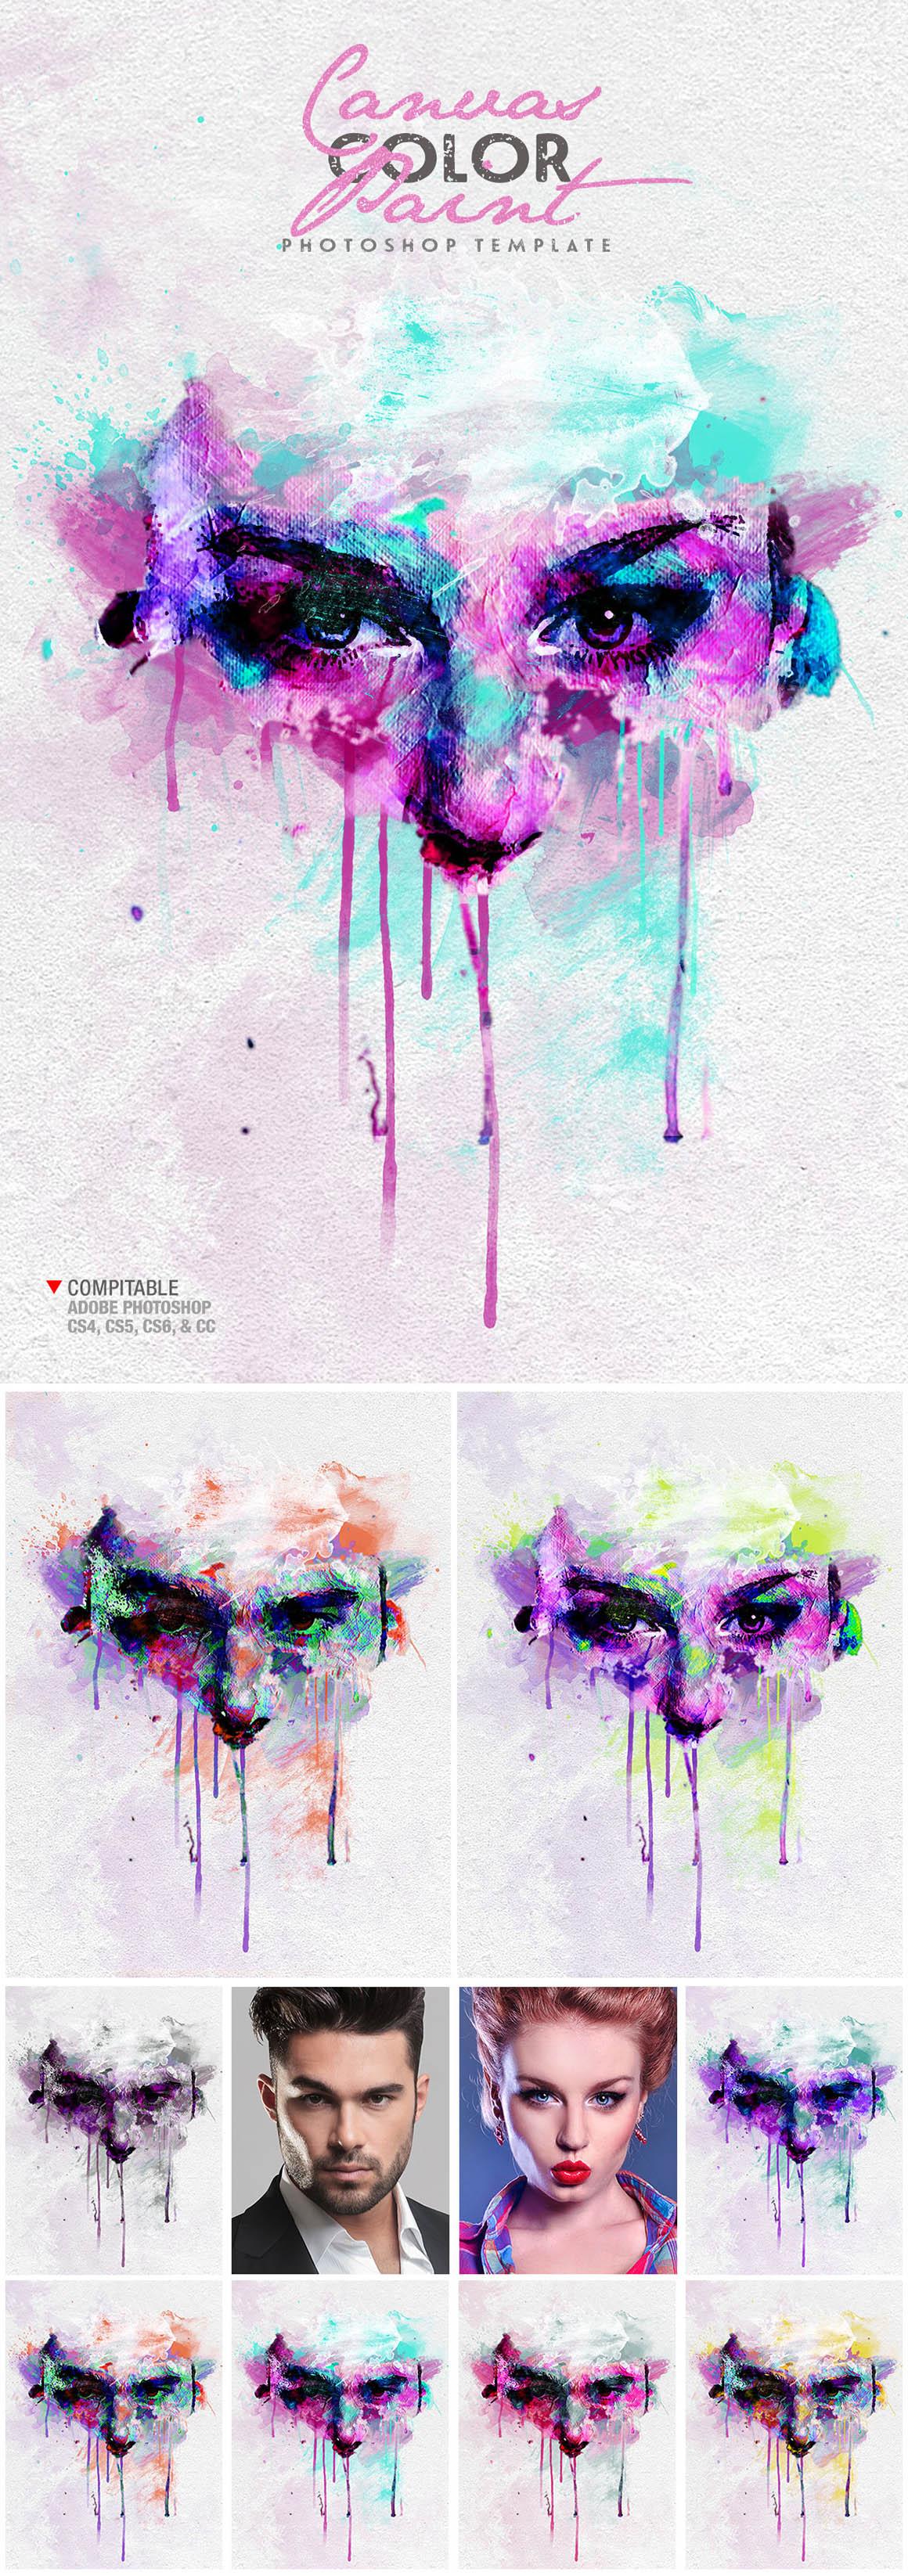 Canvas Color Paint Photo Template (design by AMORJESU)